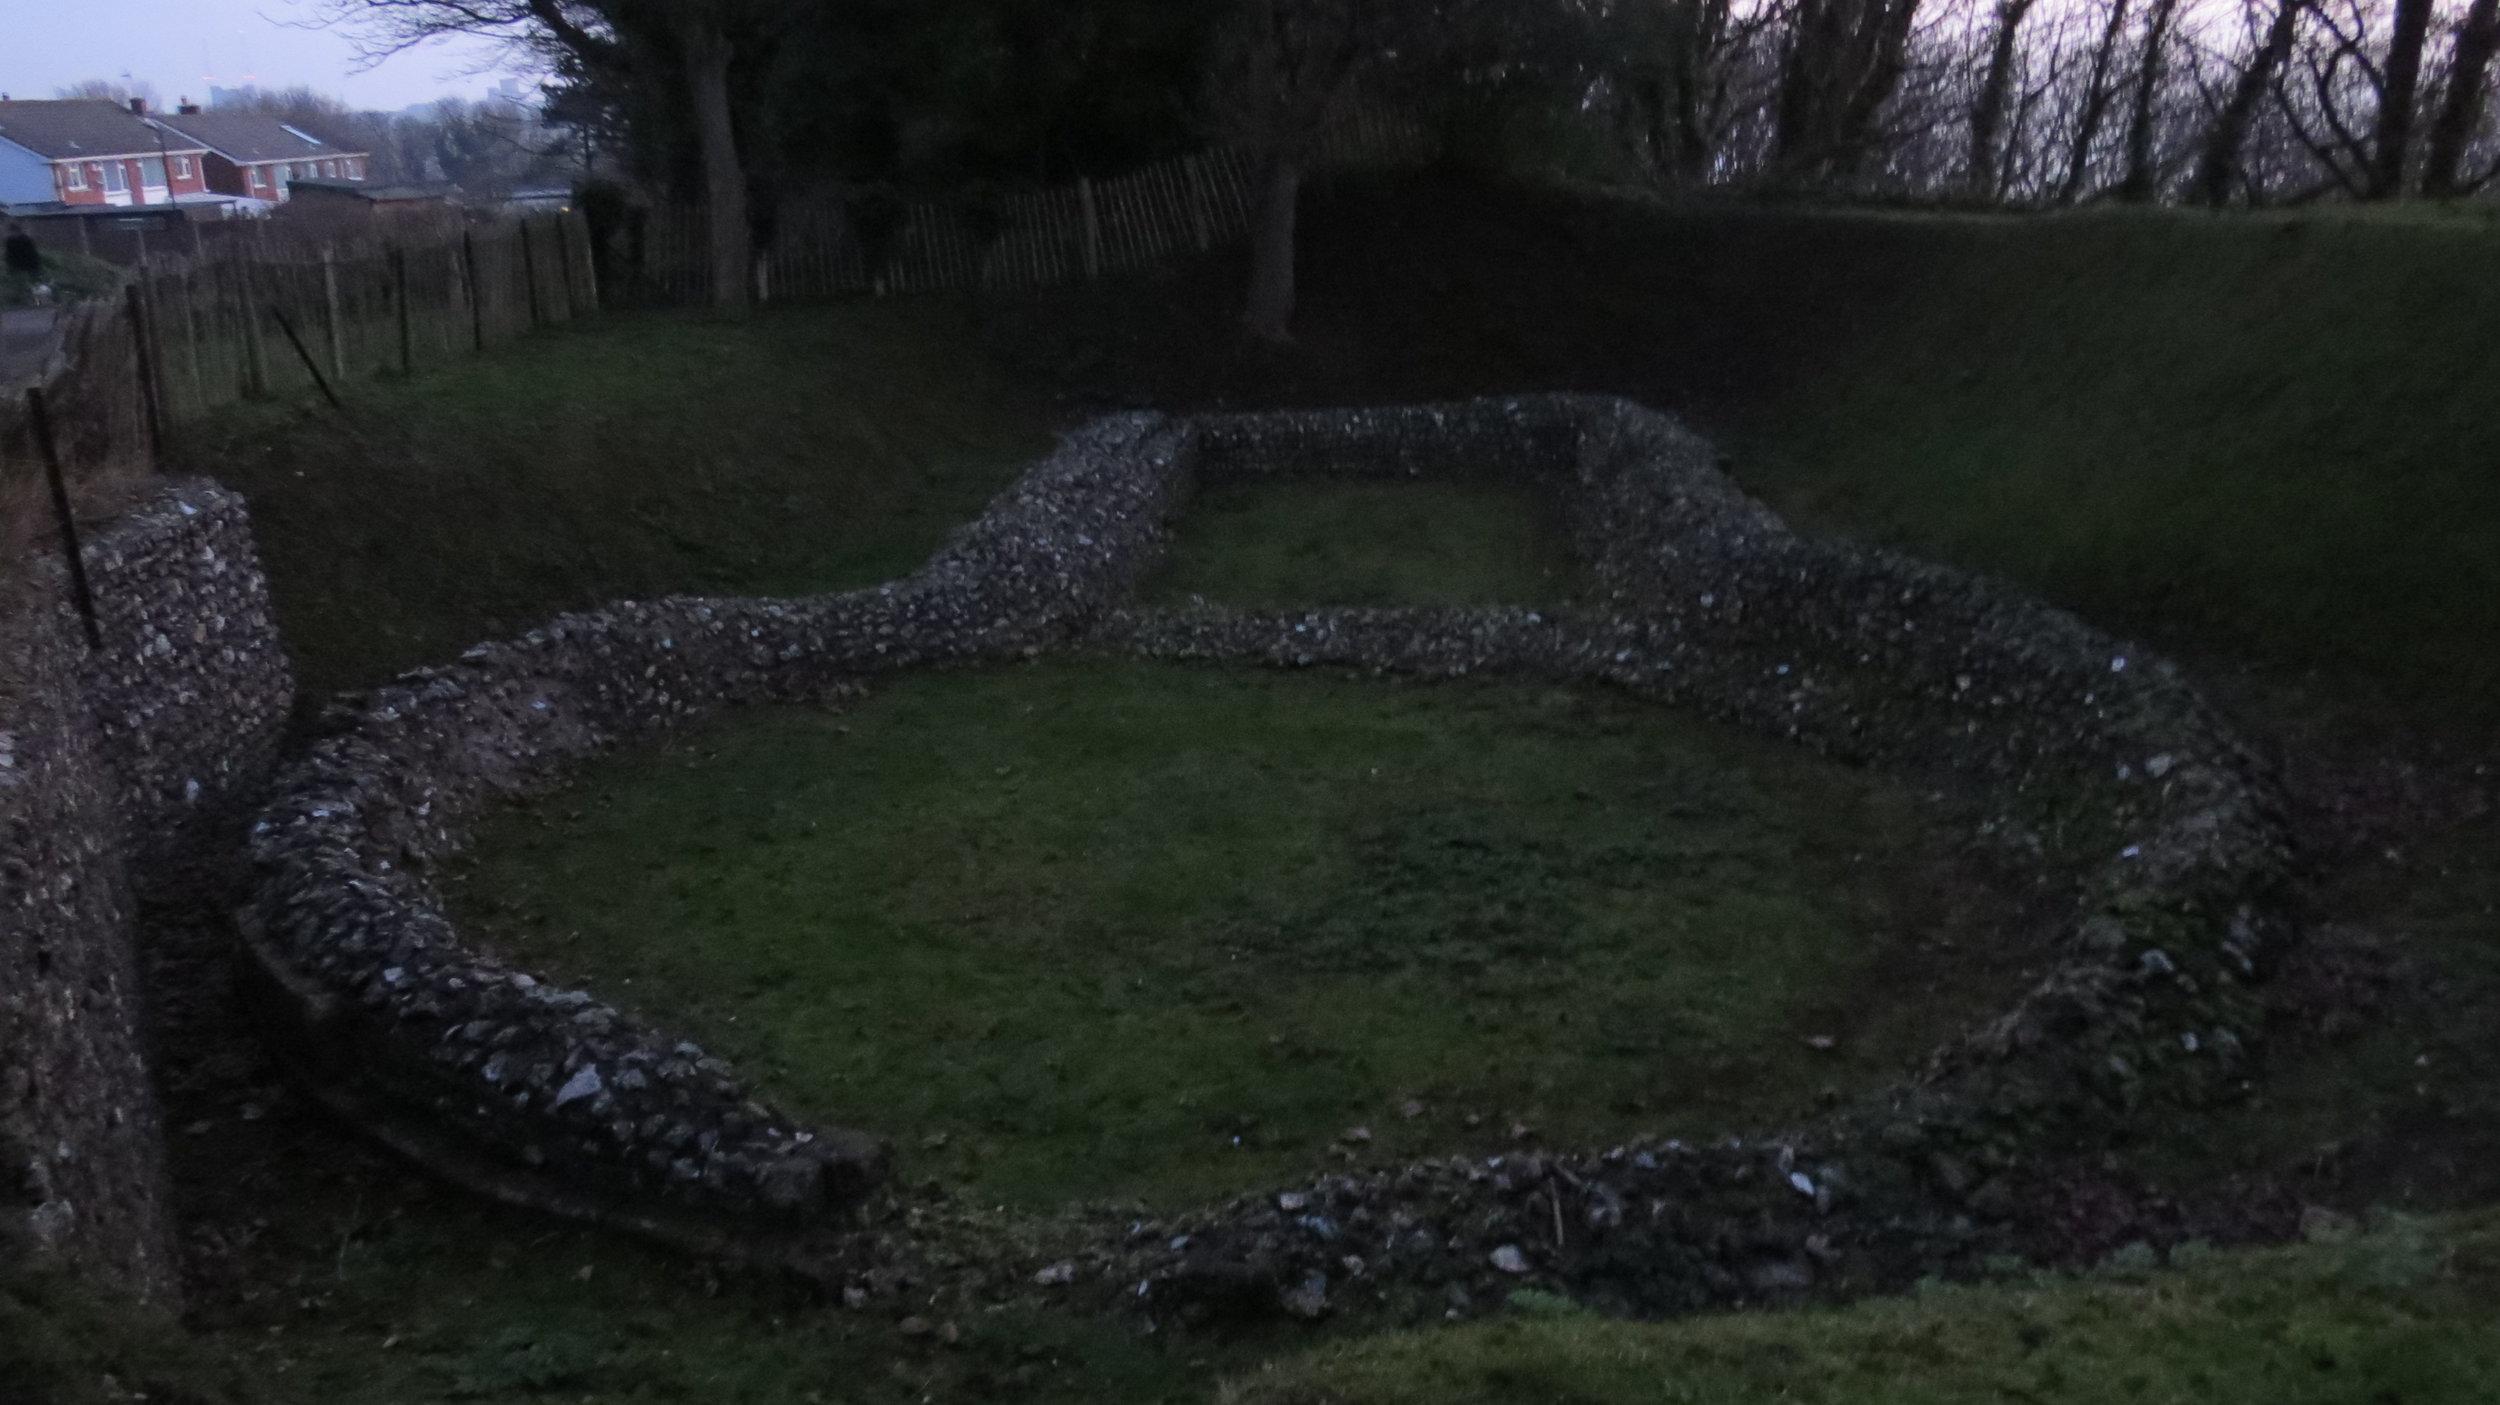 Knights Templar ruin